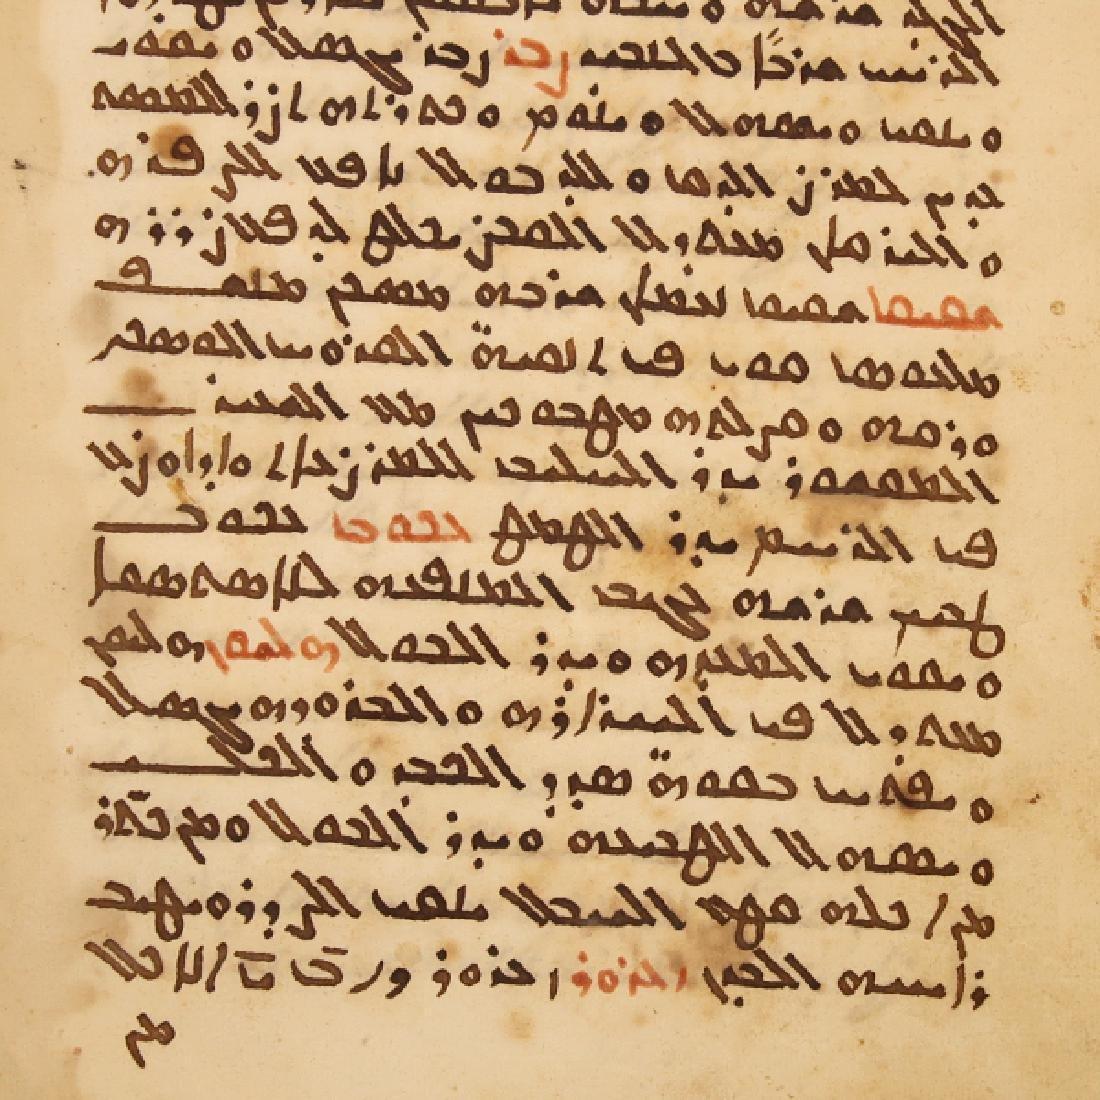 Syriac Manuscript Leaf, Herbal Medicine, c. 1800 A.D. - 4